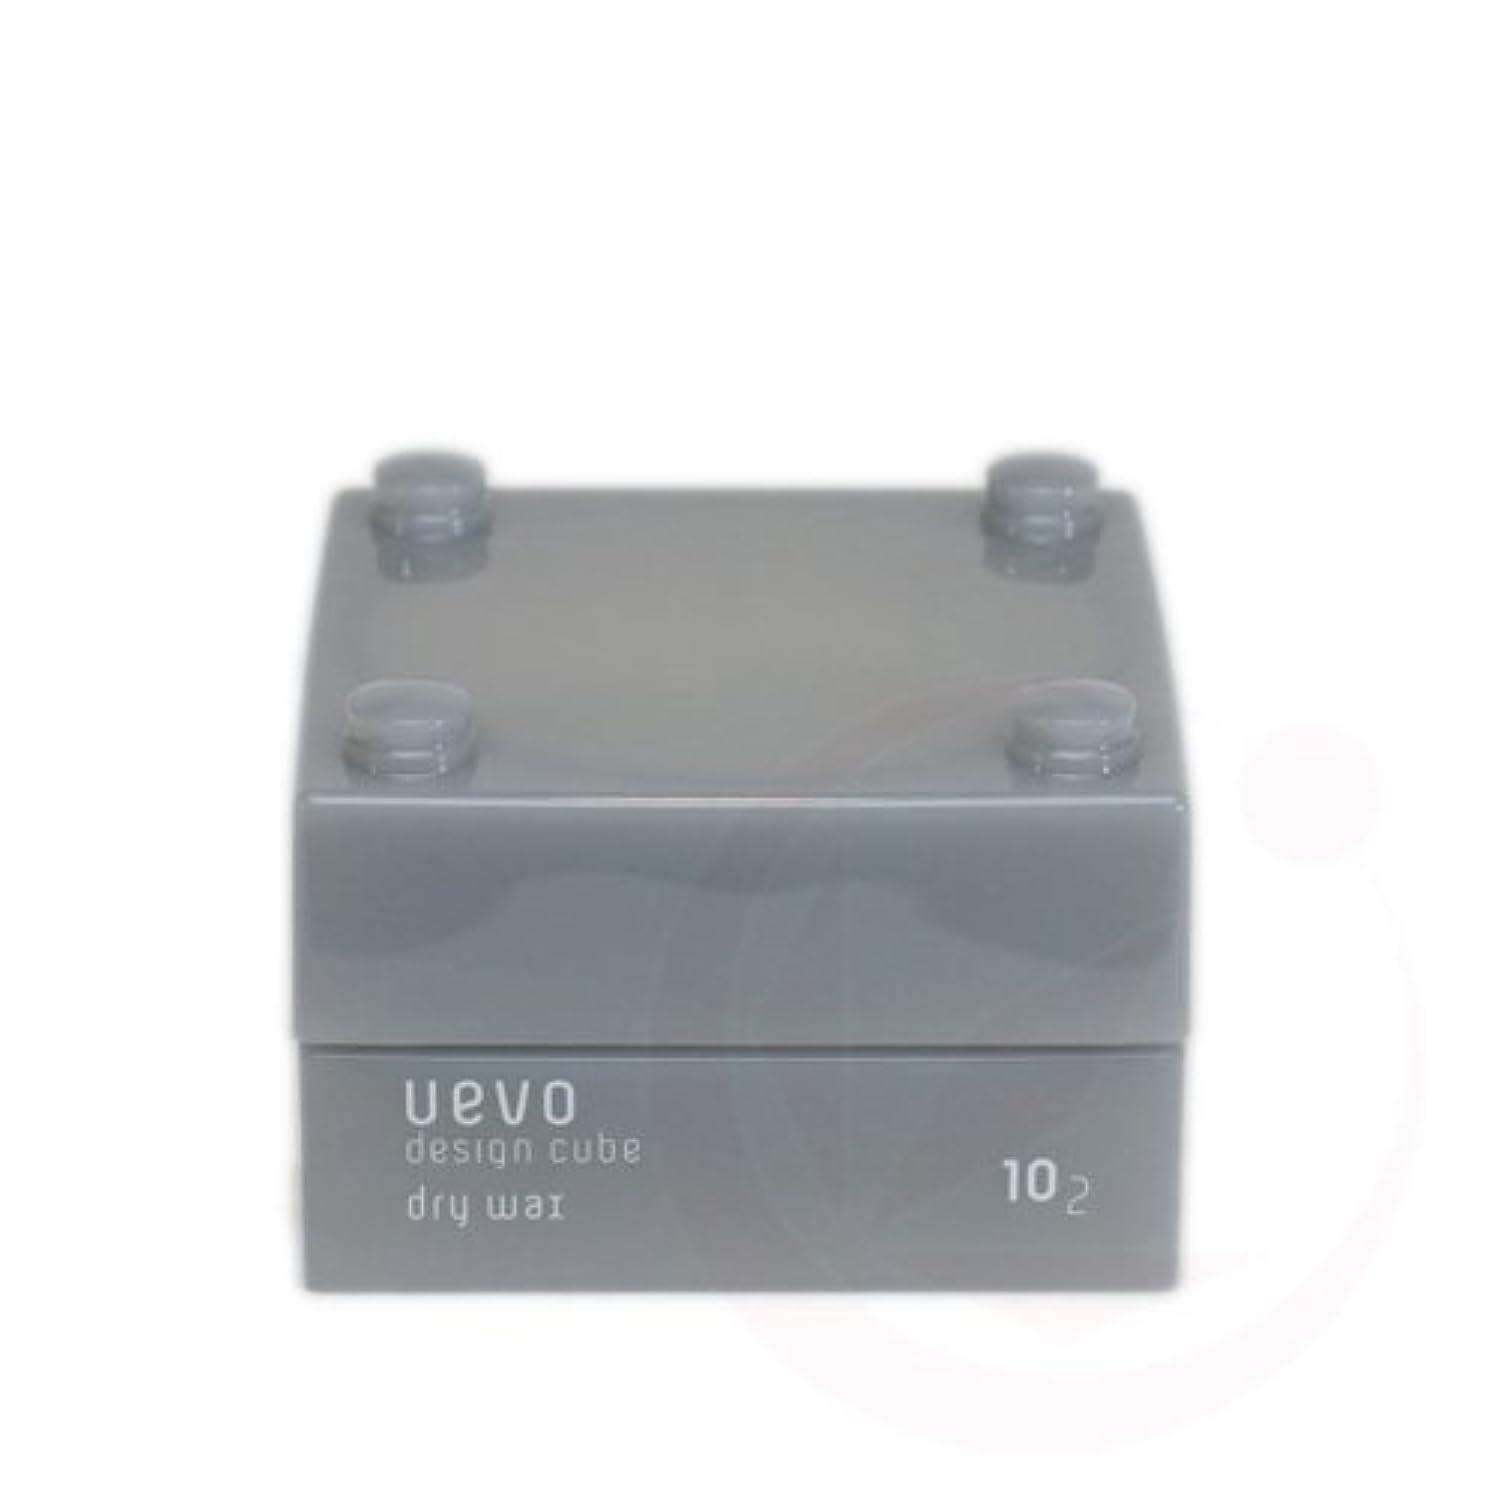 品揃え主破壊的なウェーボ デザインキューブ ドライワックス 30g 【デミコスメティクス】